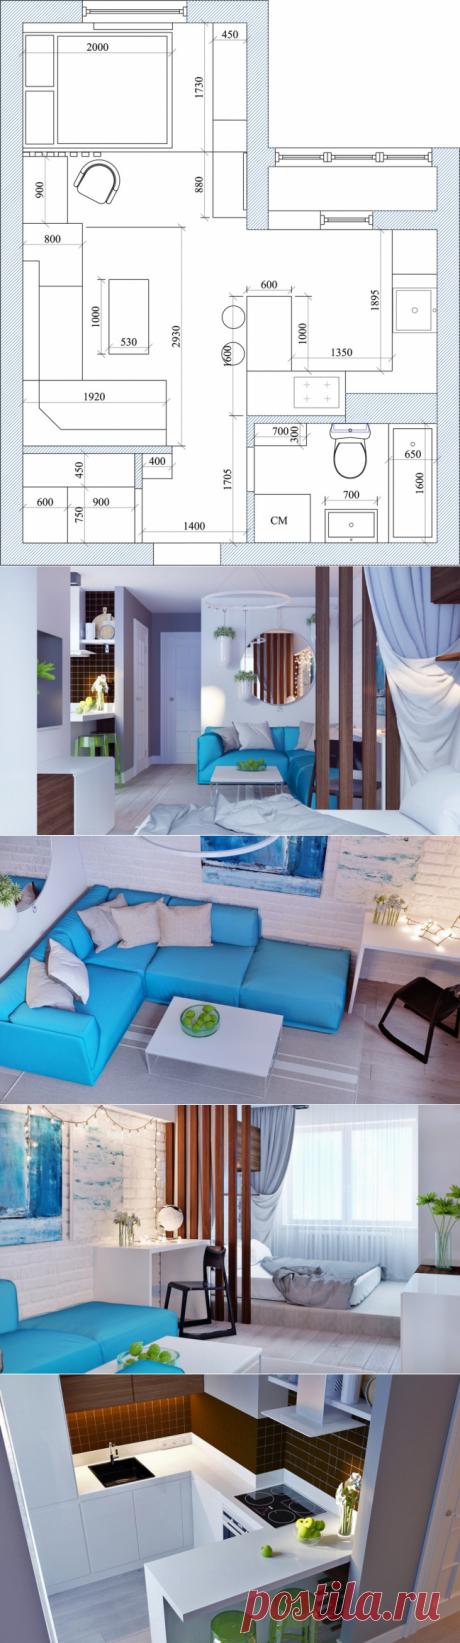 Квартира-студия 30 м2 для молодой пары от Юлии Богославец - Дизайн интерьеров   Идеи вашего дома   Lodgers